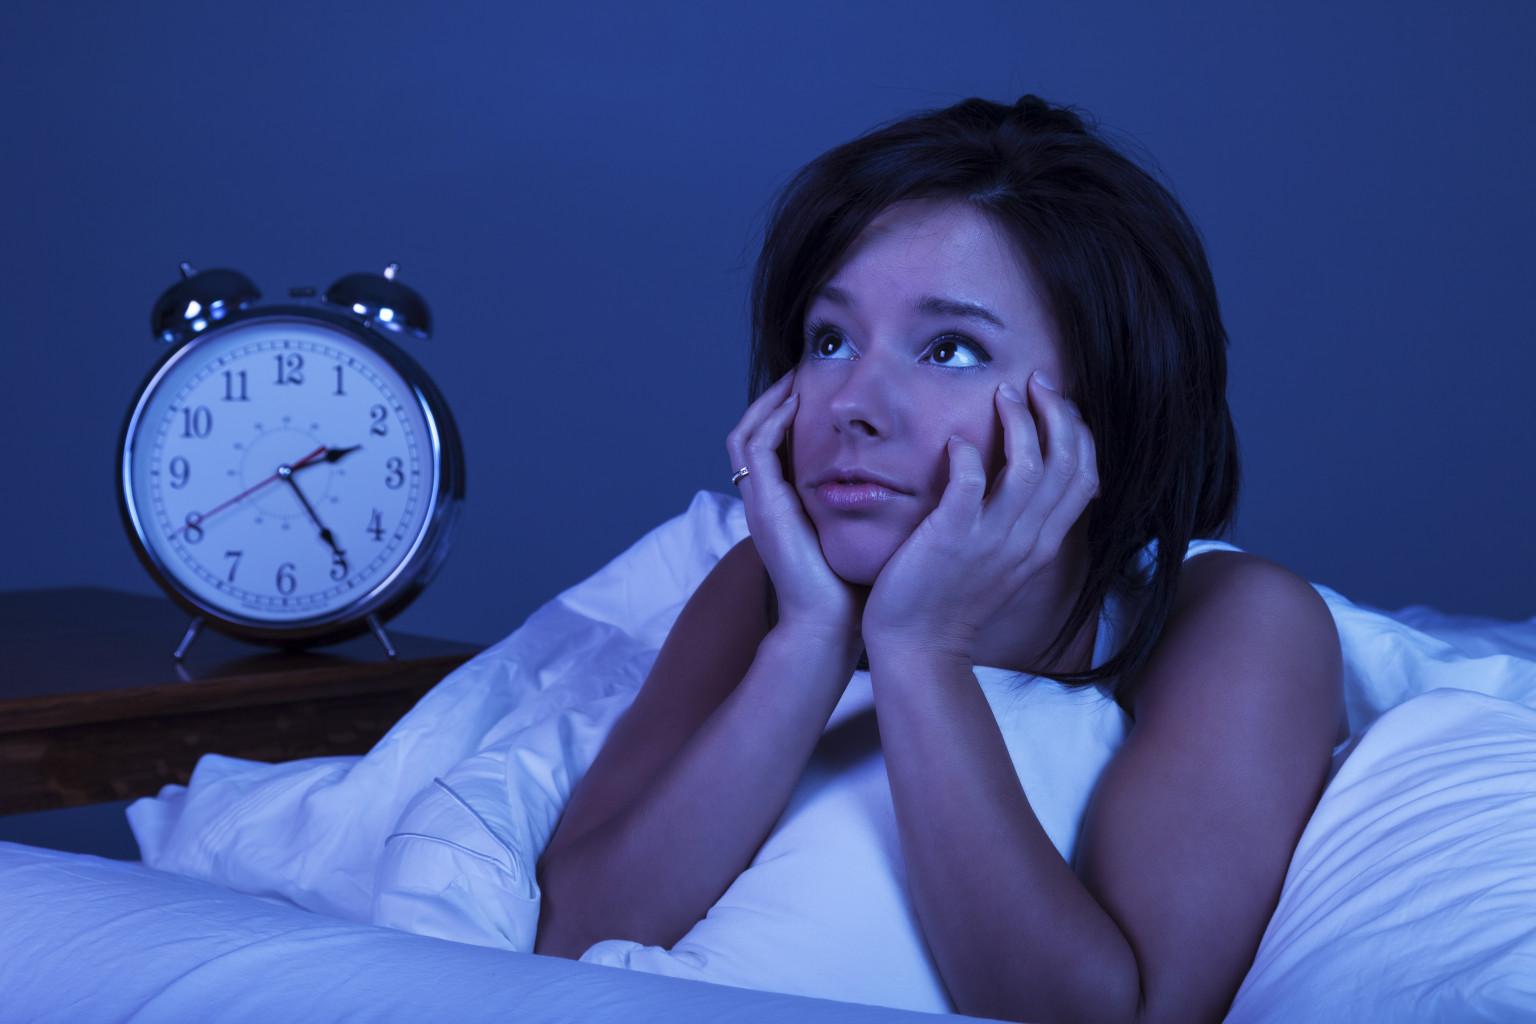 9 признаков гормонального дисбаланса, которые игнорируют многие женщины